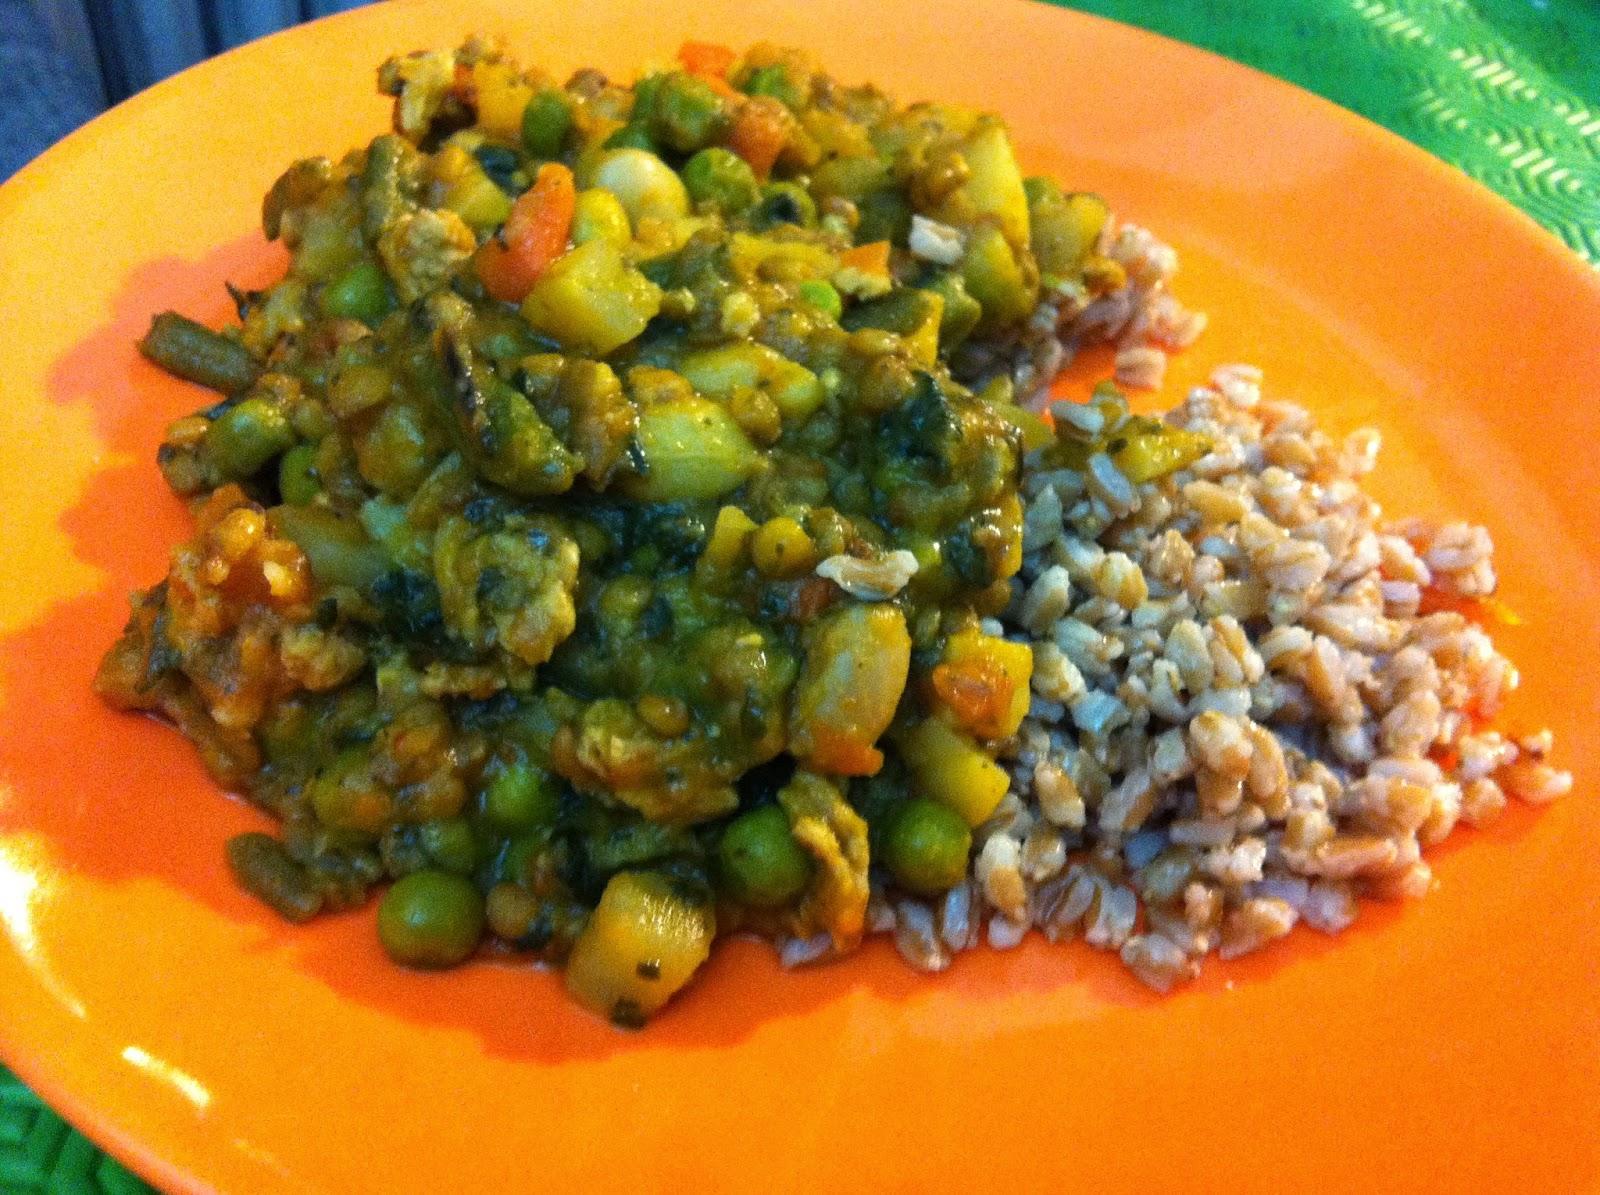 il mio salva-cena: farro allo zenzero con curry di verdure